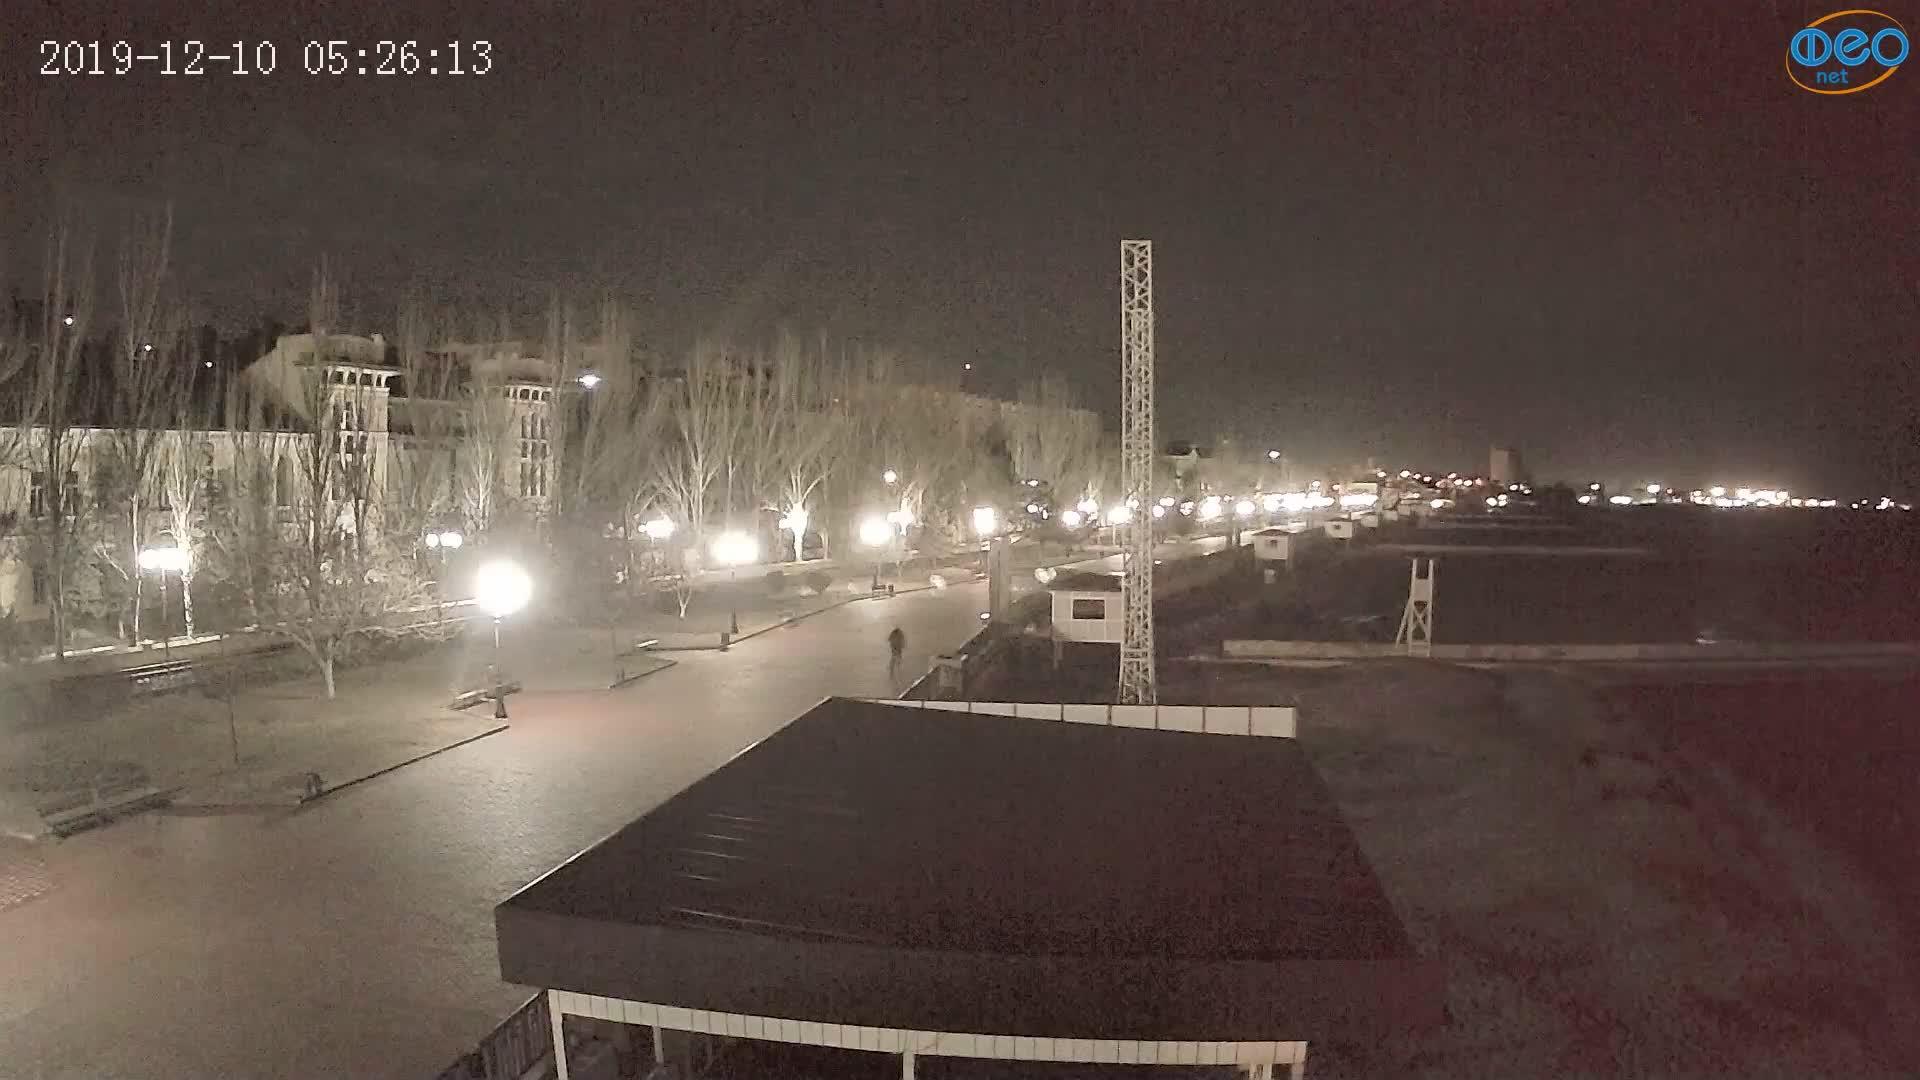 Веб-камеры Феодосии, Пляж Камешки, 2019-12-10 05:26:37